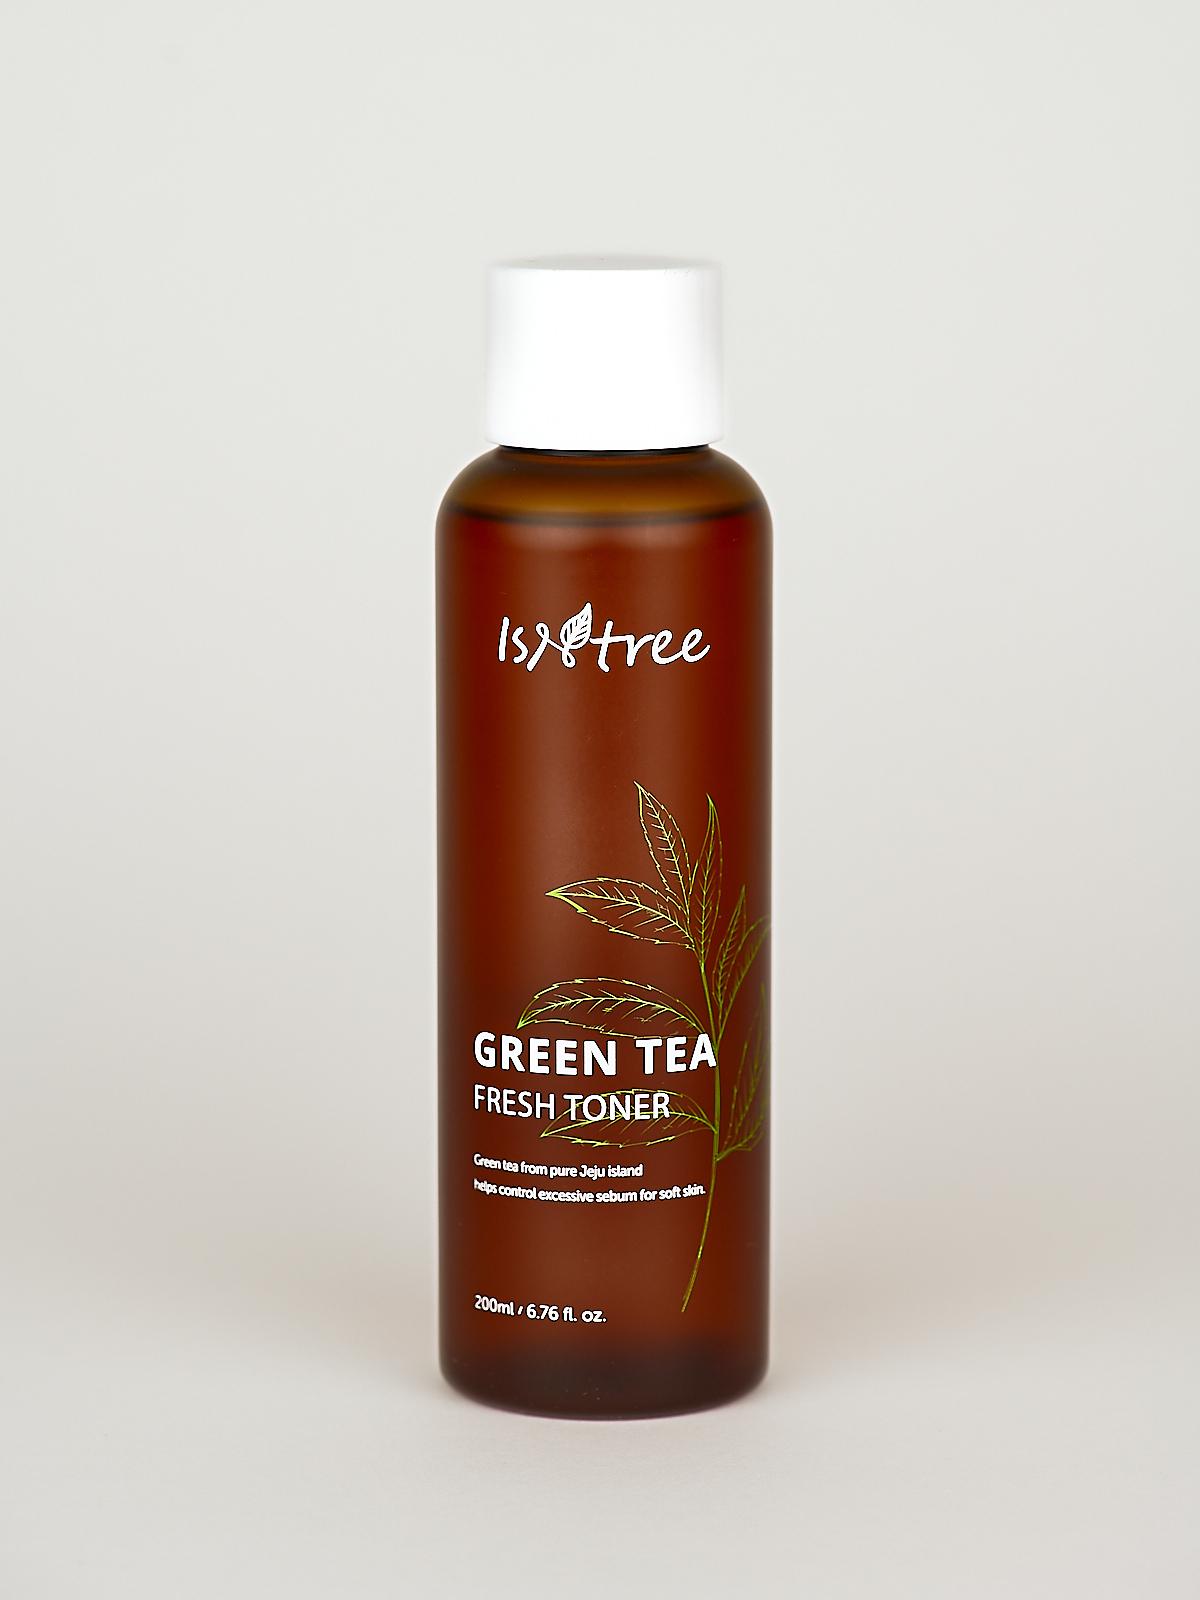 Isntree Green Tea Fresh Toner für fettige Haut im braunen Fläschchen, darauf die Skizze einer Grüntee Pflanze.